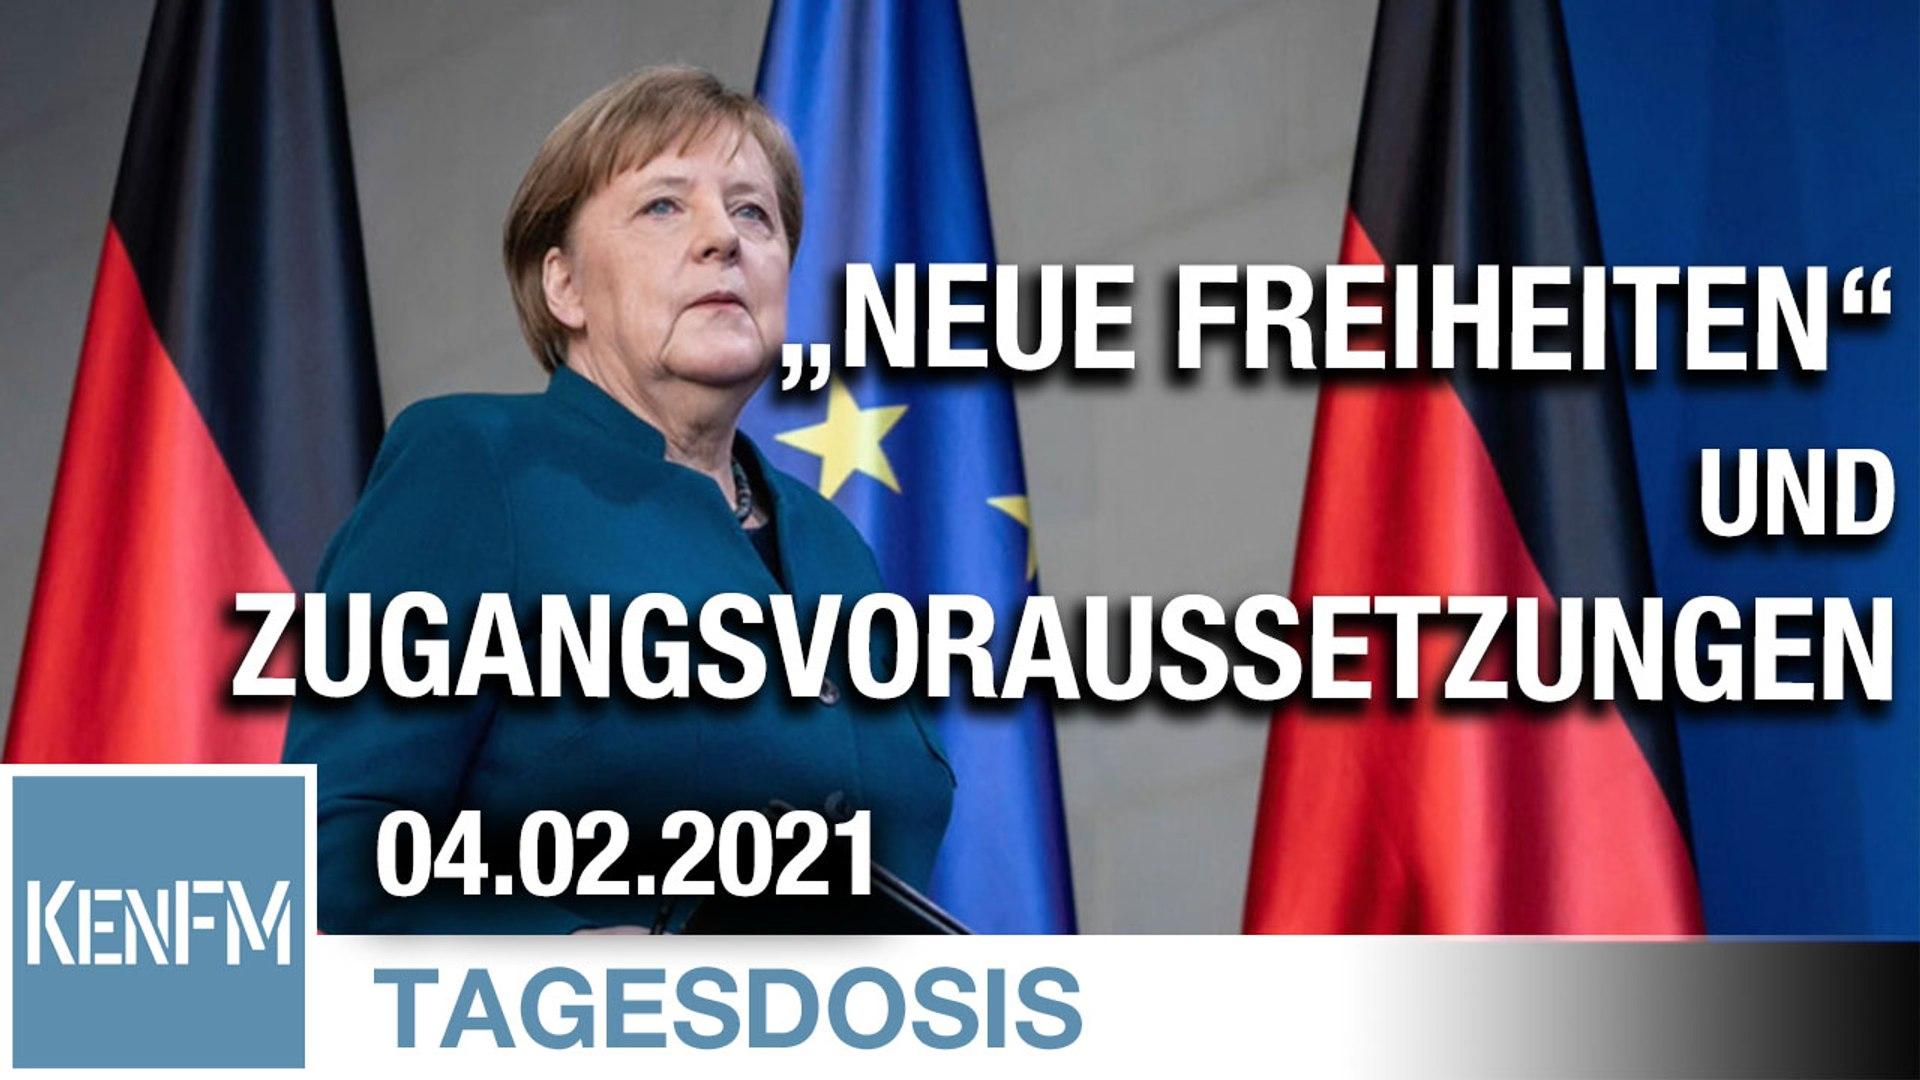 """Über """"neue Freiheiten"""" und Zugangsvoraussetzungen"""